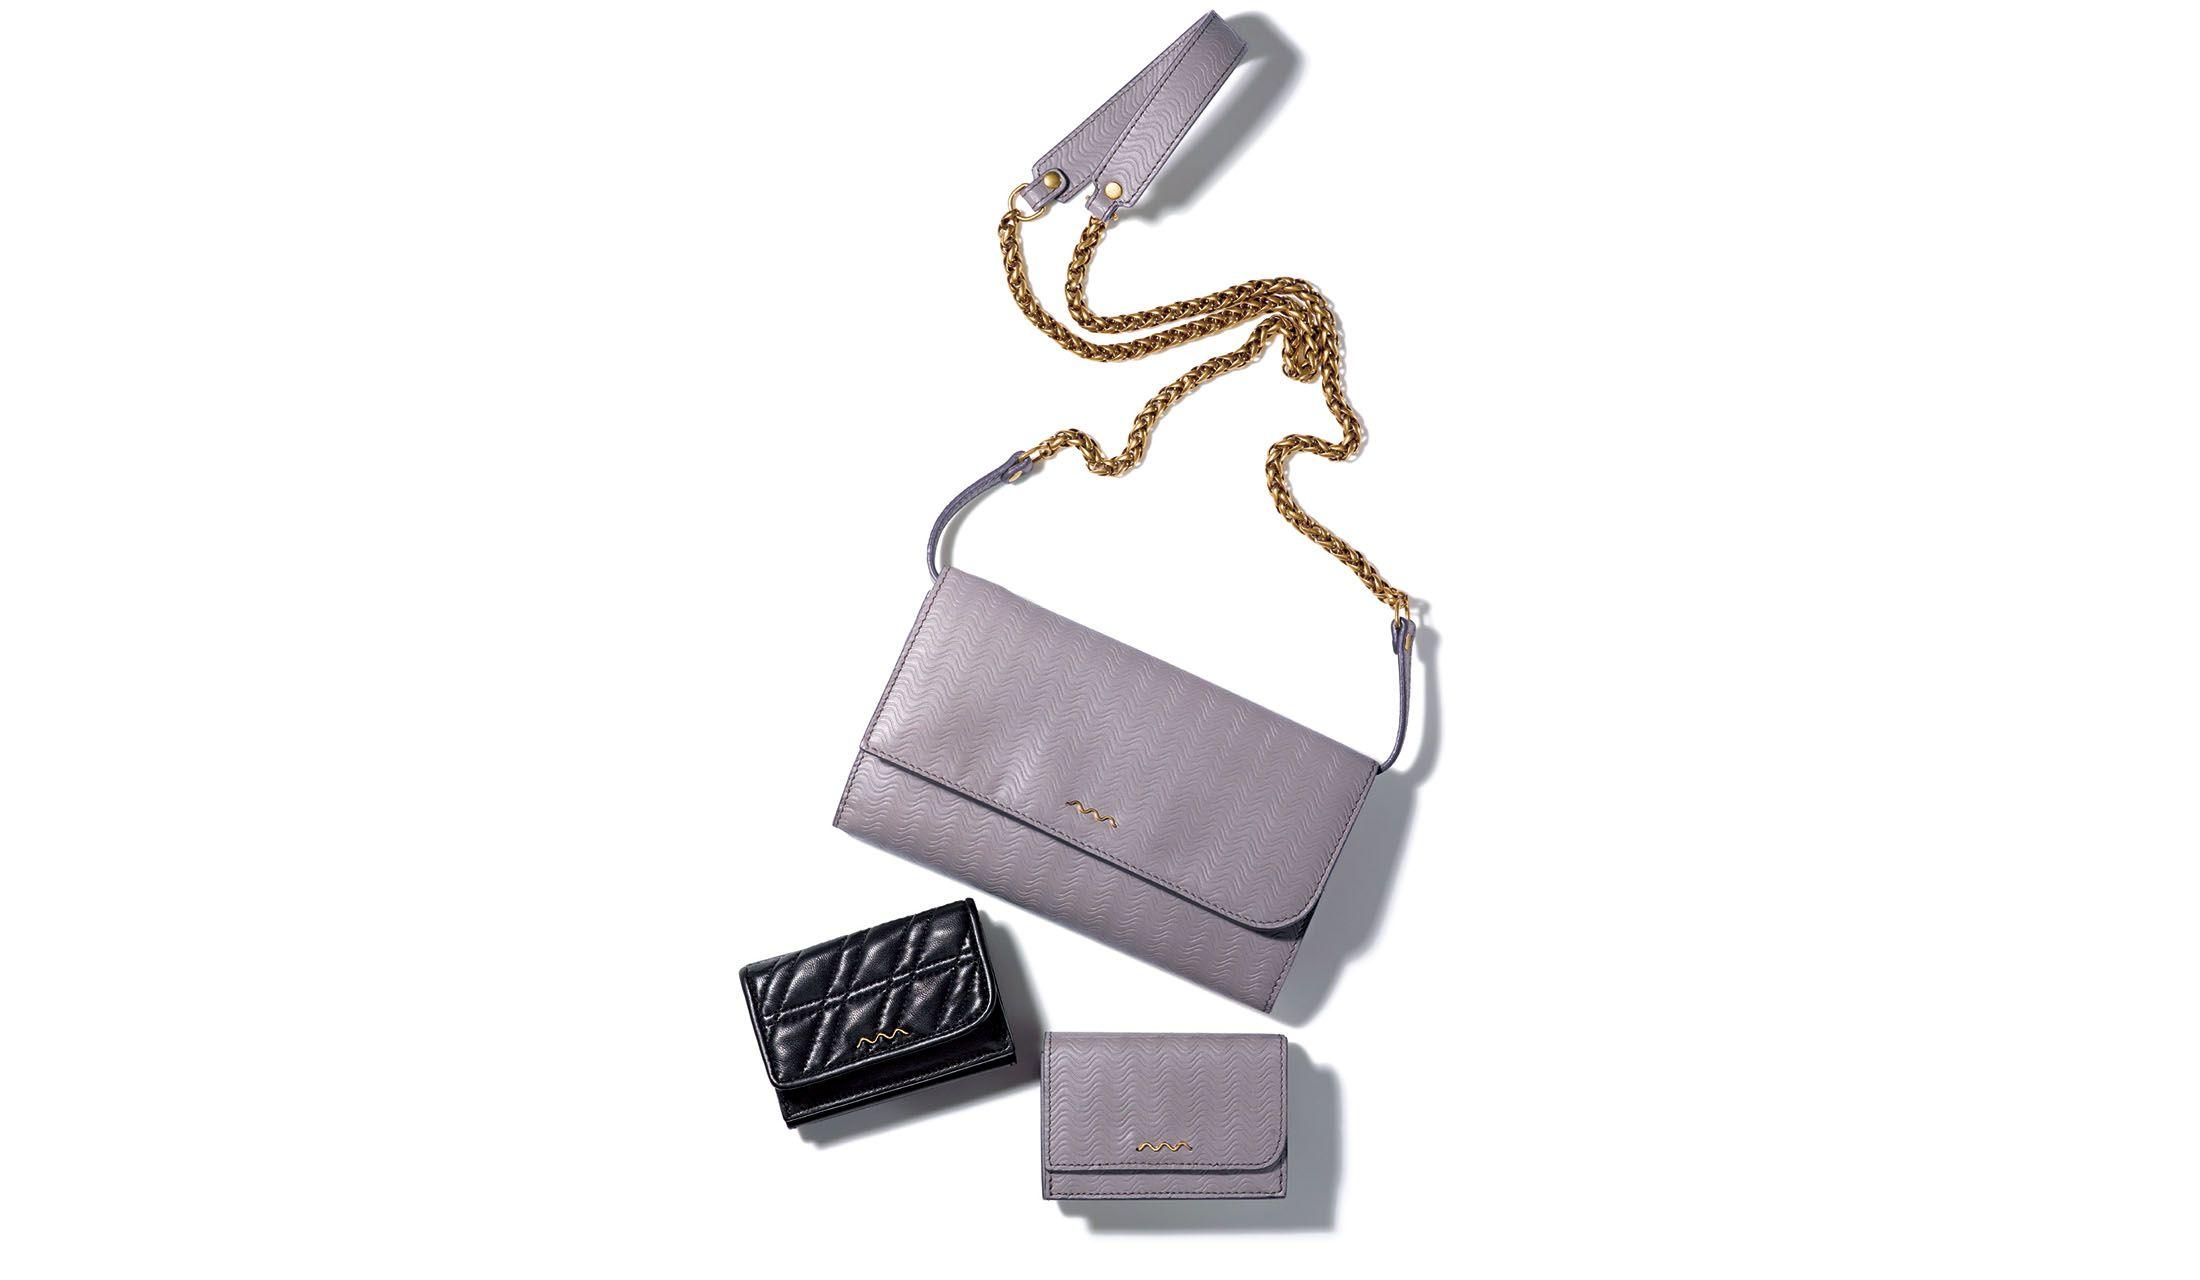 ザネラートのウォレットバッグ&ミニウォレット